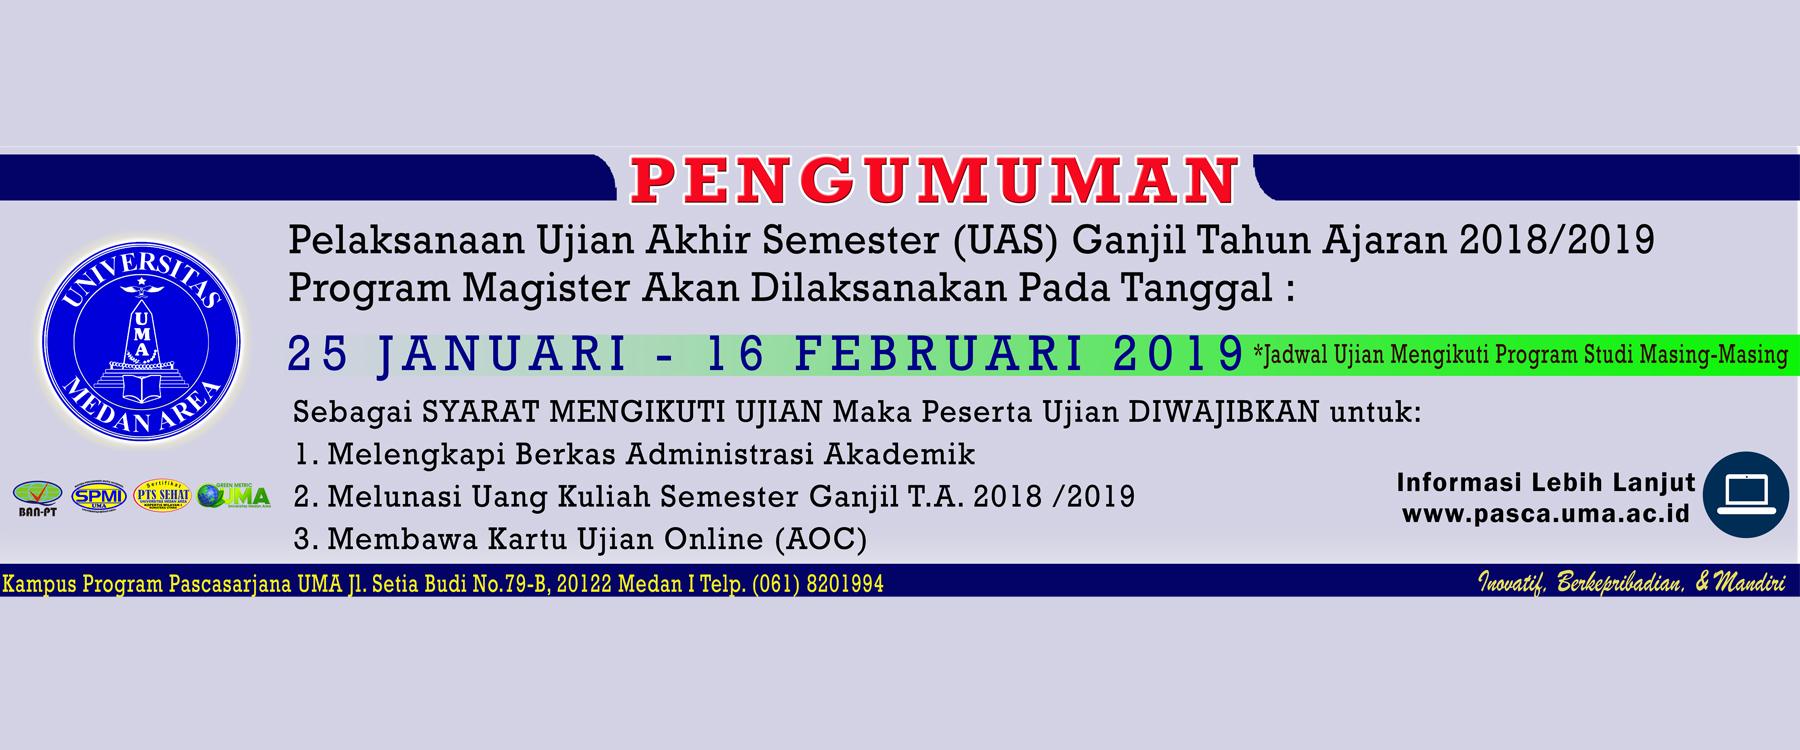 Jadwal Ujian Akhir Semester (UAS) Ganjil T.A. 2018/2019 Program Pascasarjana